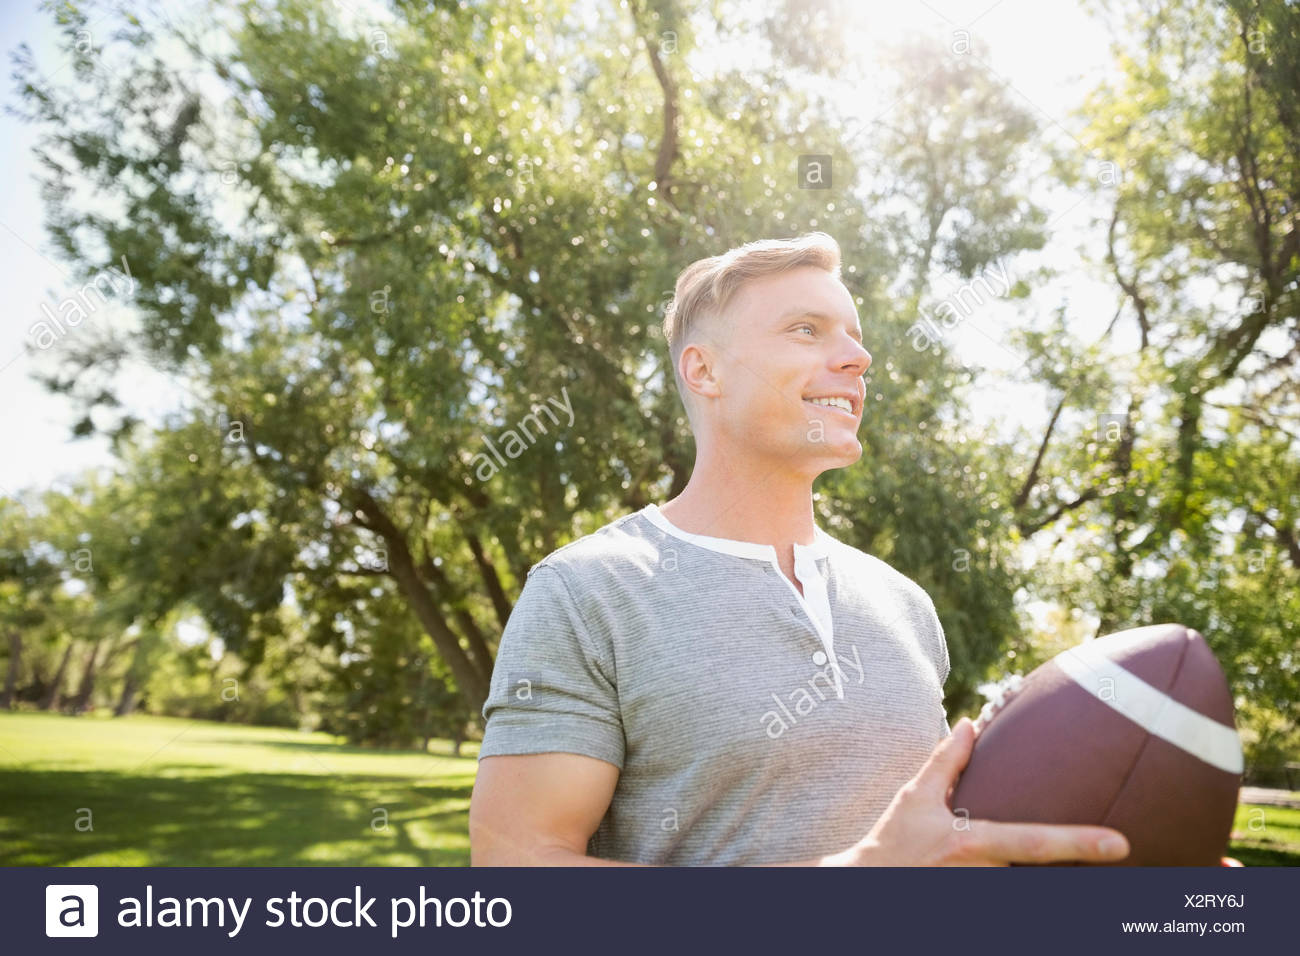 Hombre sonriente jugando al fútbol en el parque soleado de verano Imagen De  Stock a25aae5bb9ba9